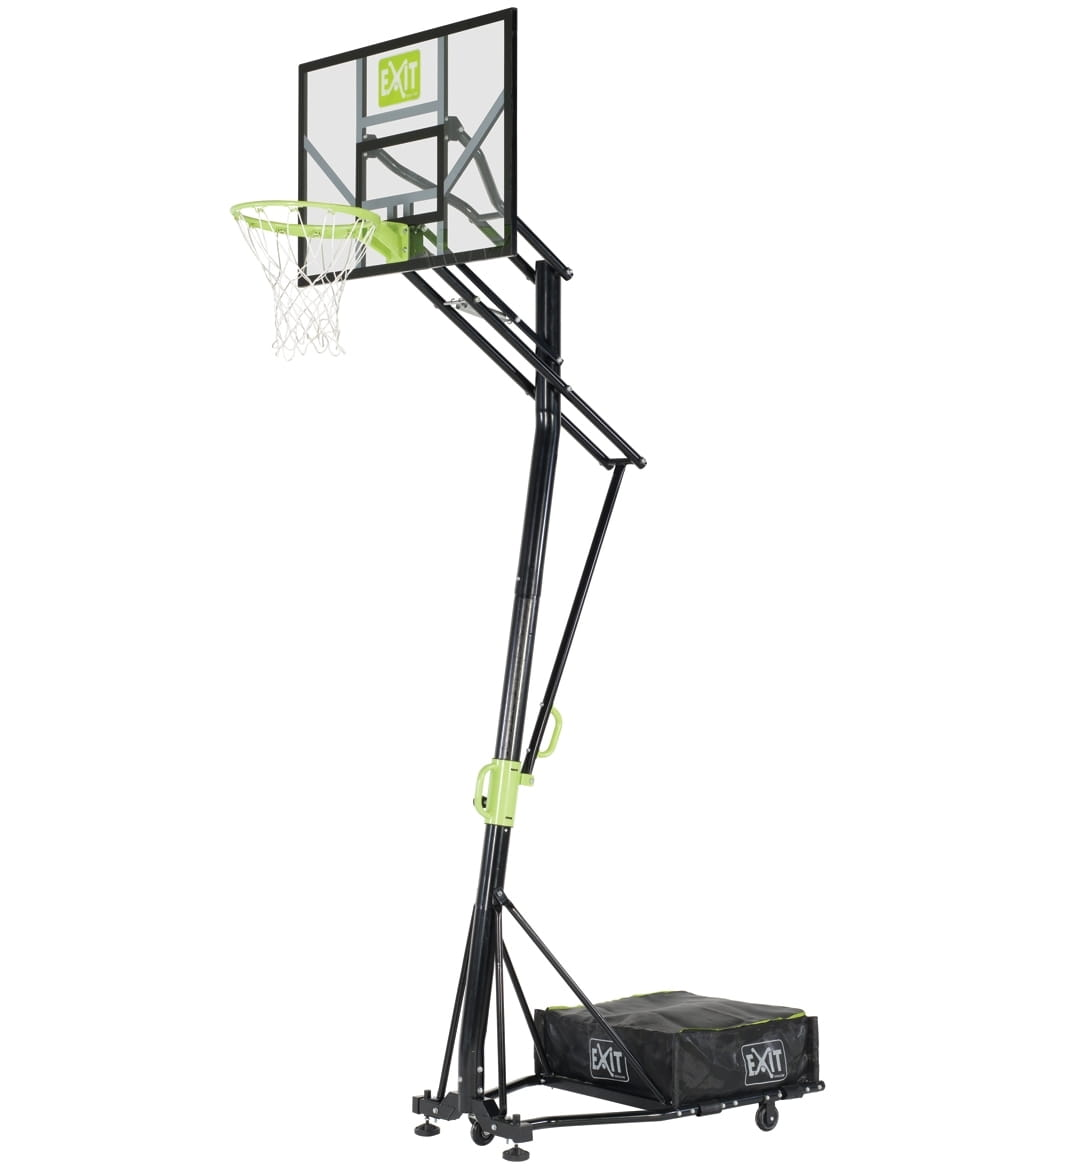 Передвижная баскетбольная система EXIT